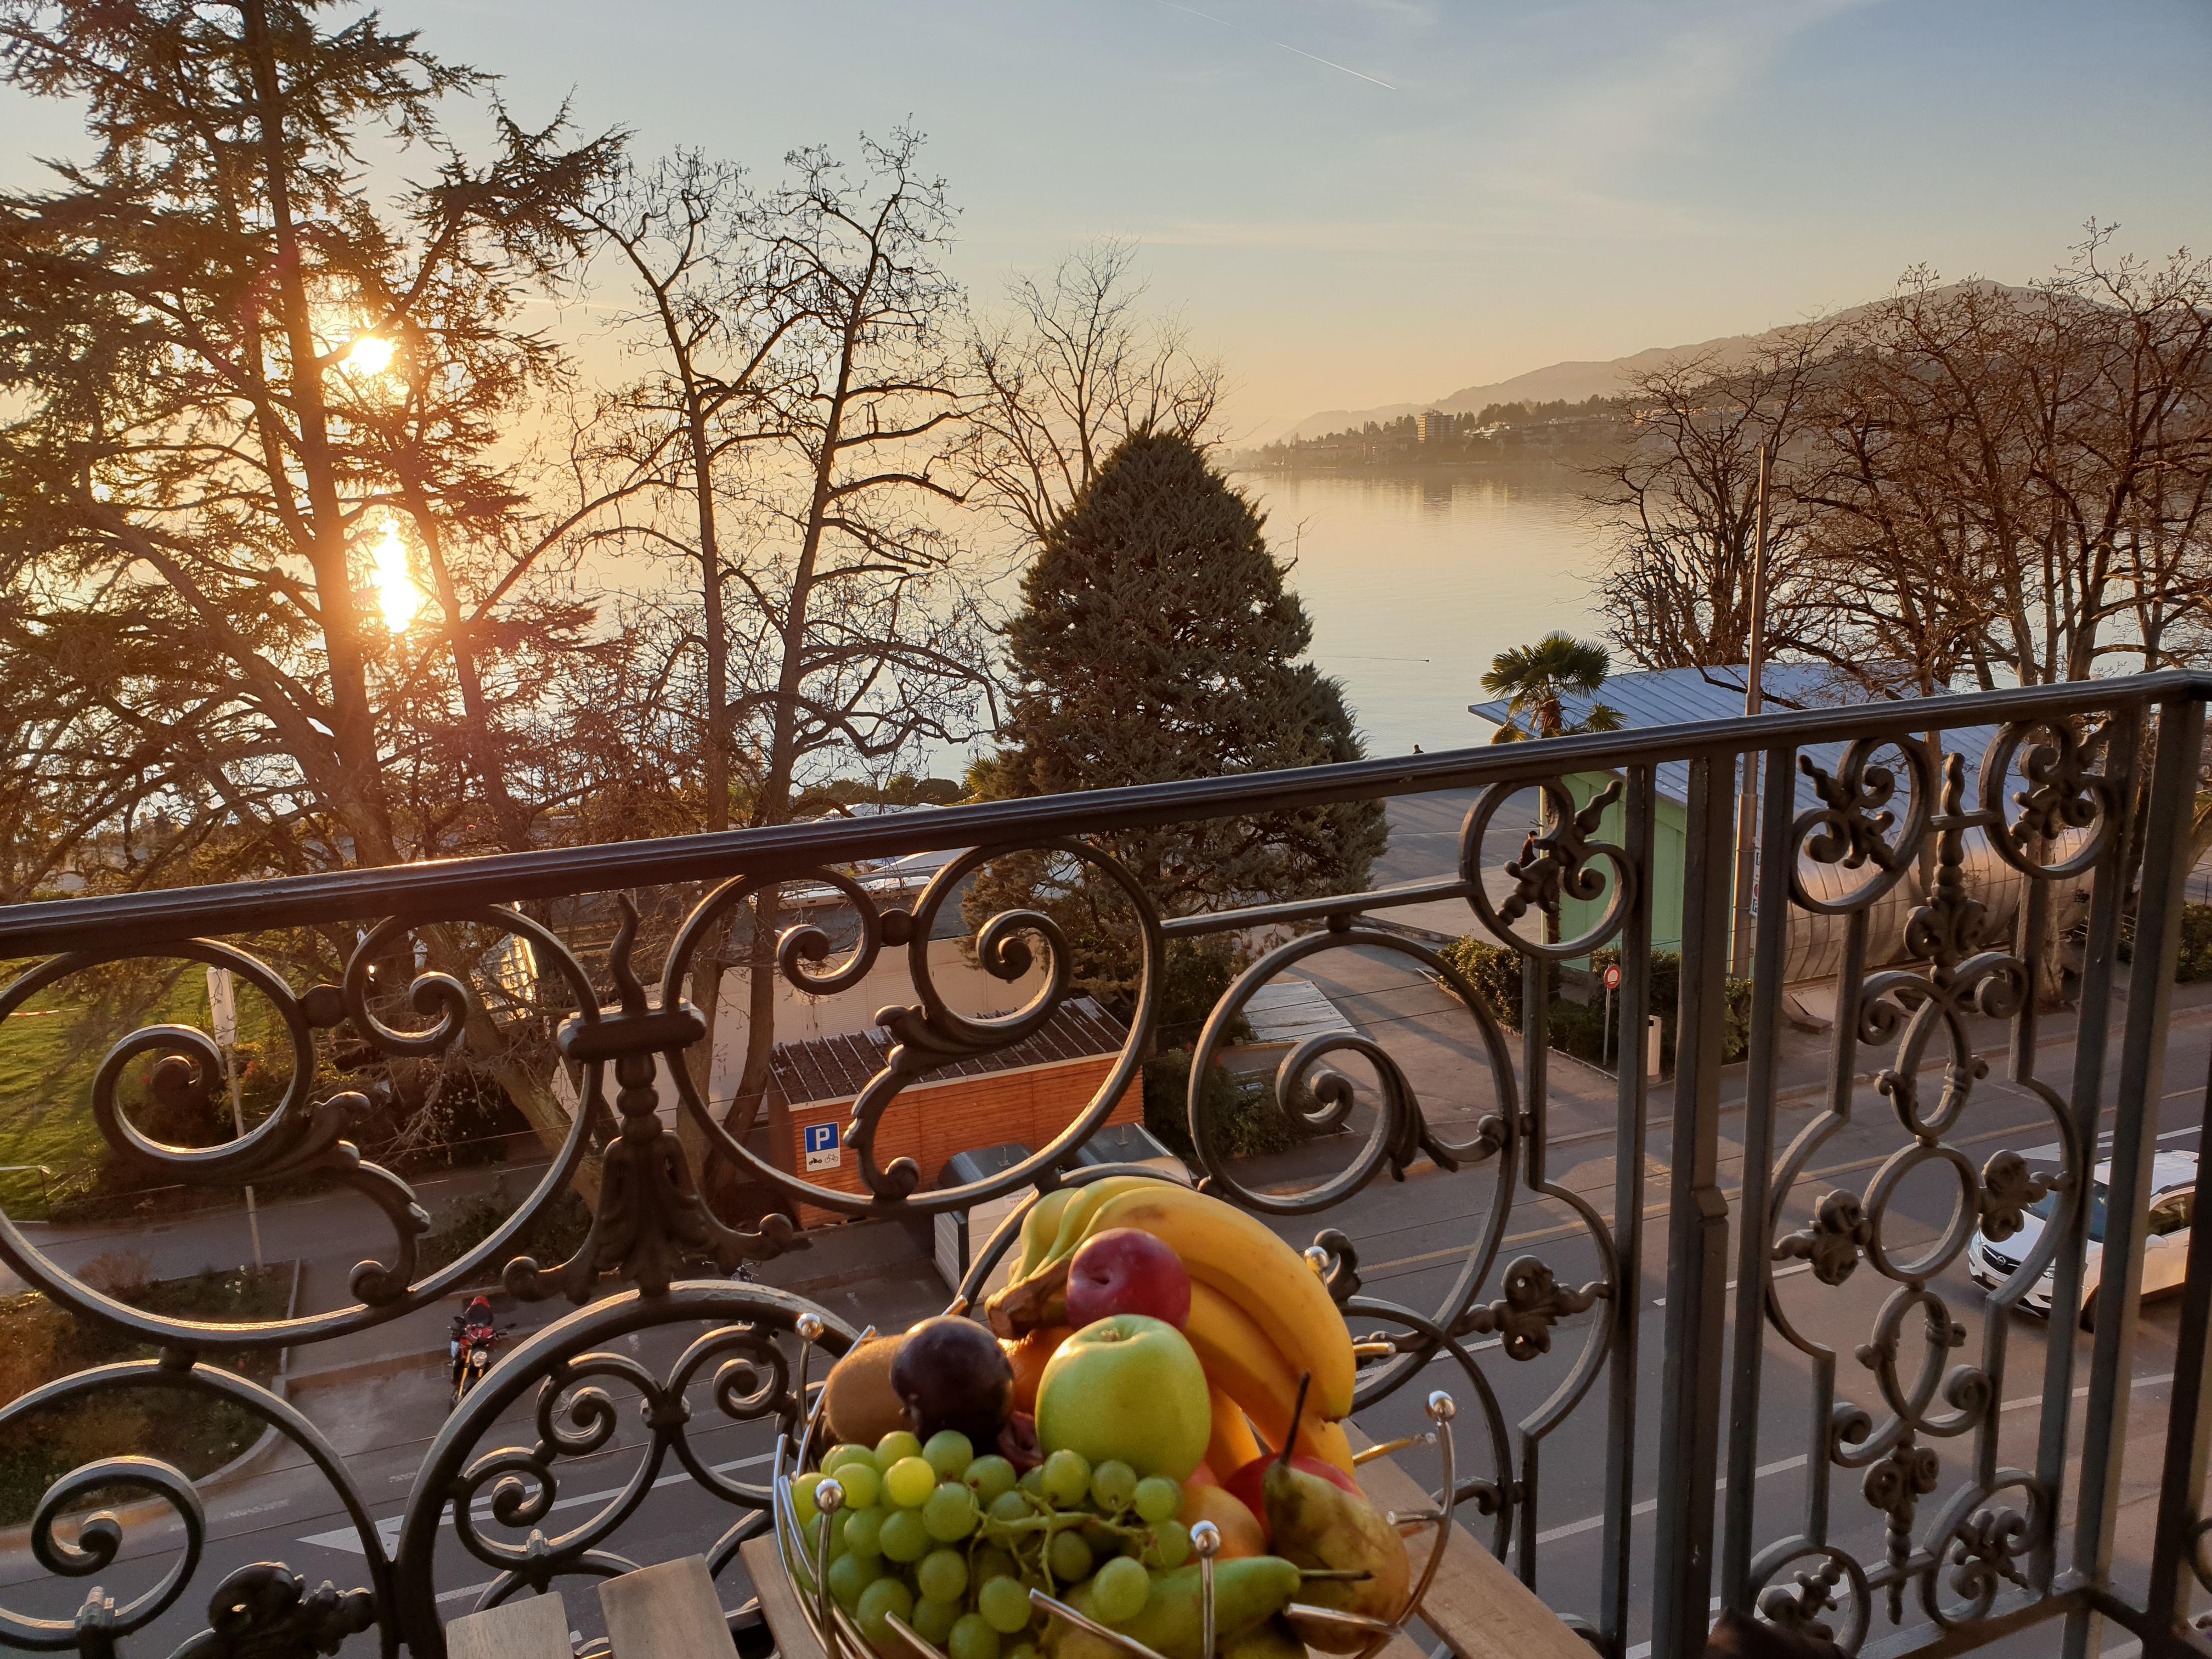 247 Concierge Montreux Grand Rue - 2 Bed Apt. No.1, Pays-d'Enhaut